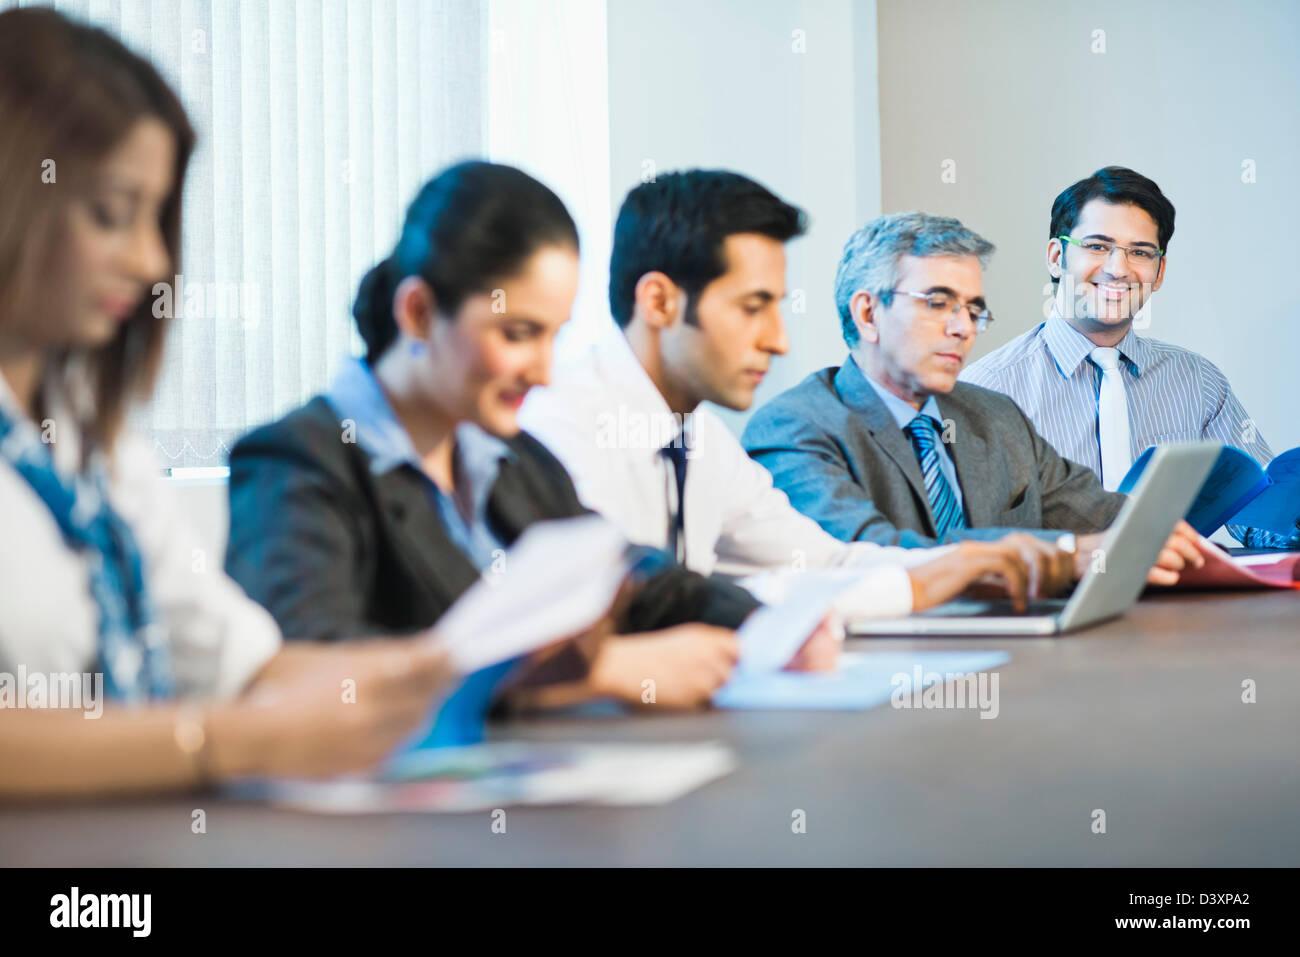 Ejecutivos de negocios en una reunión Imagen De Stock